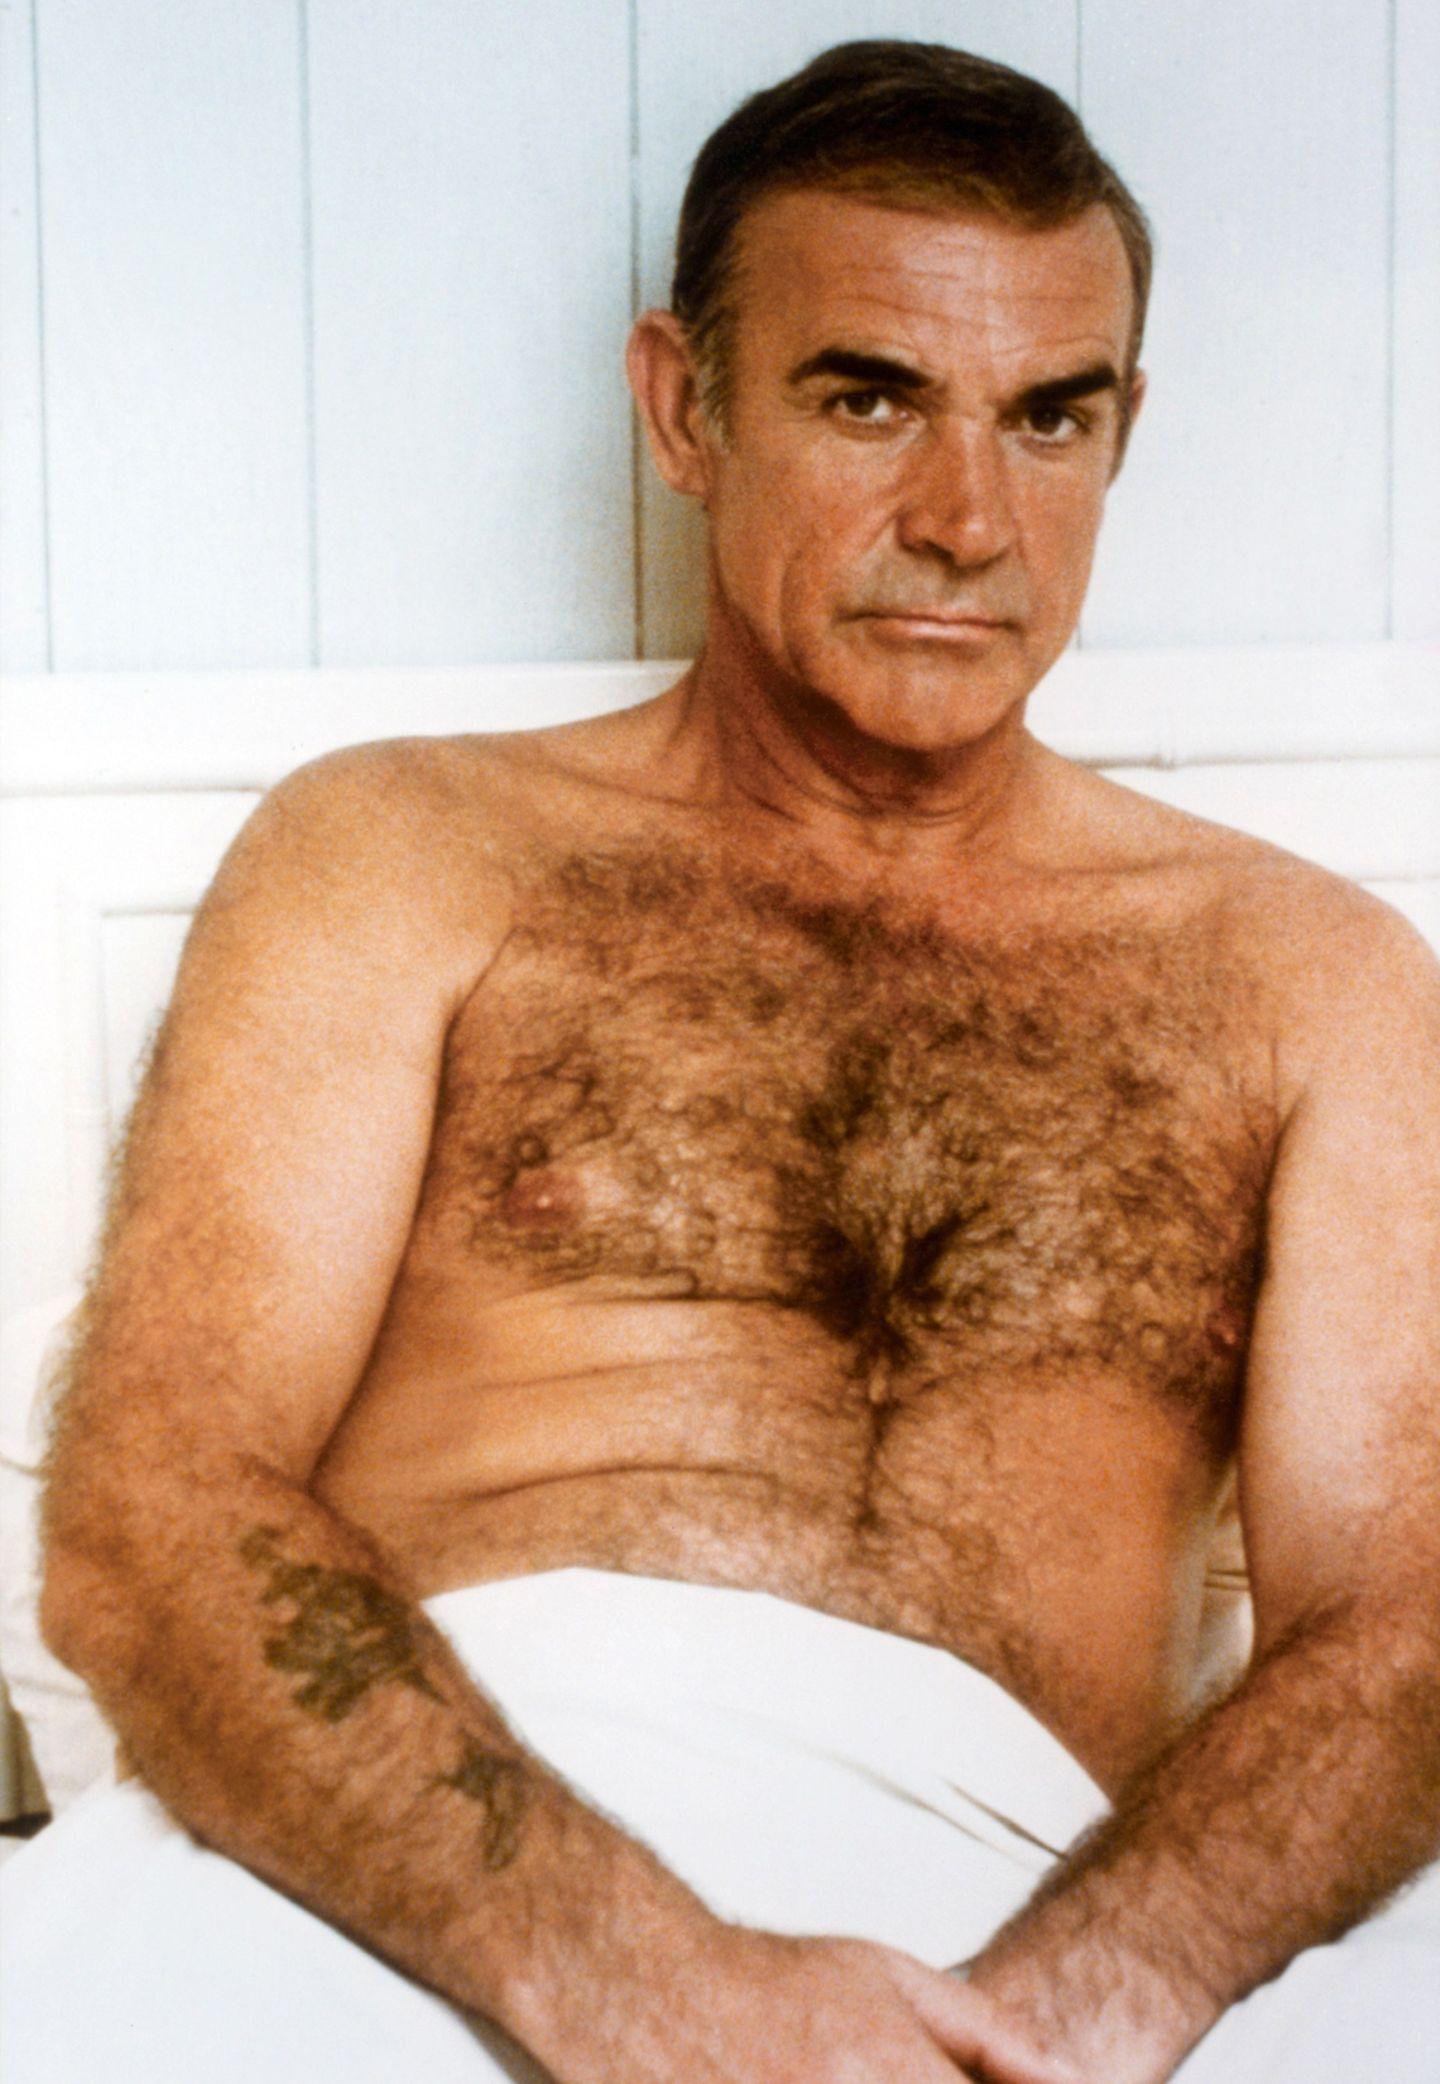 """Für viele verkörpert er den Geheimagenten """"James Bond"""" am besten. Der Schauspieler Sean Connery hat seinen Gentleman-Charme von damals bis heute nicht verloren."""